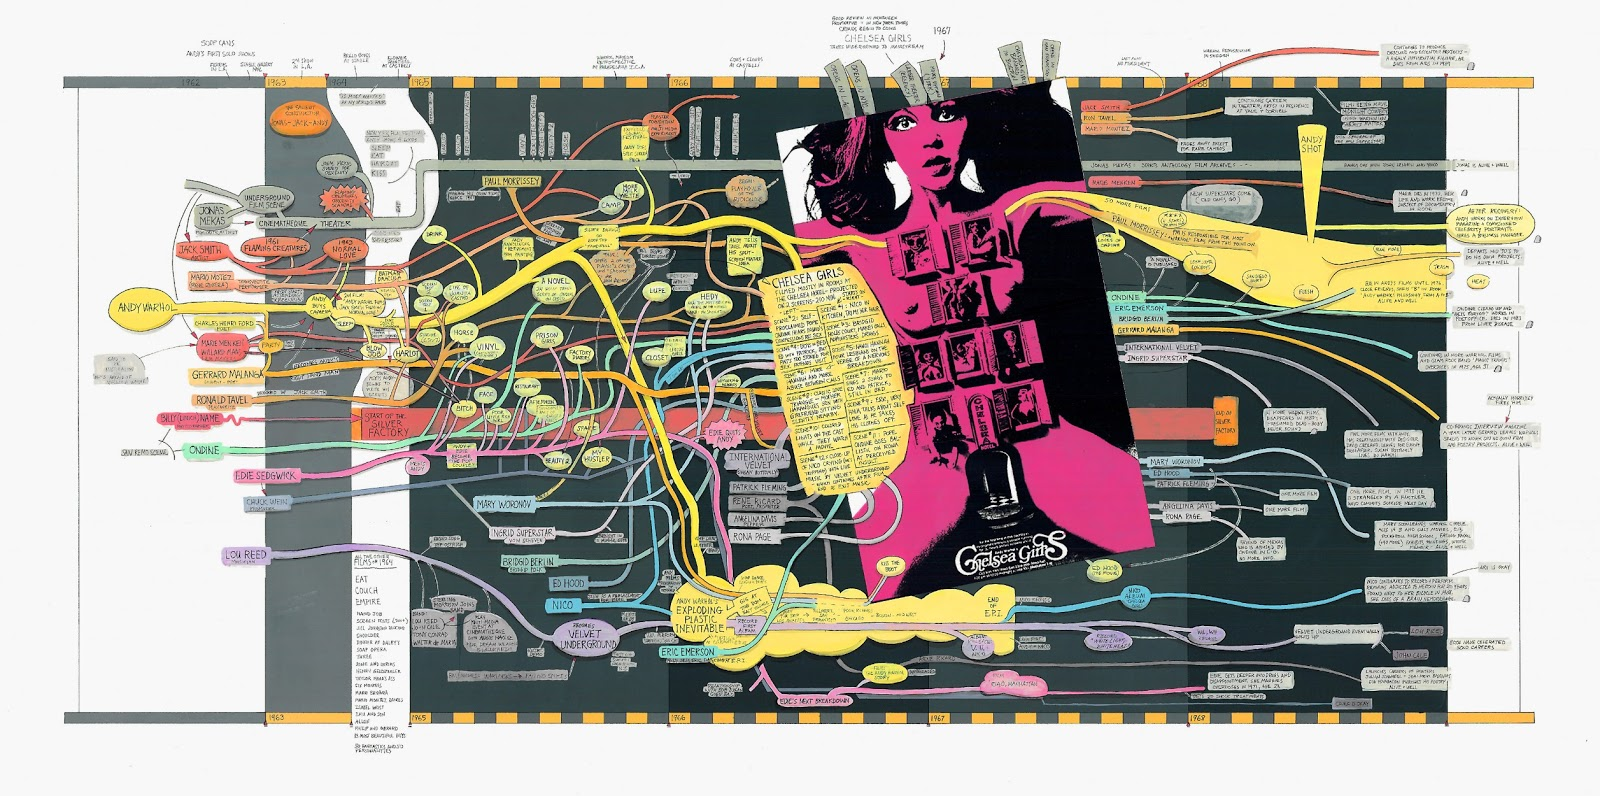 Ward Shelley. Lineas de Tiempo. Timelines. Andy Warhol